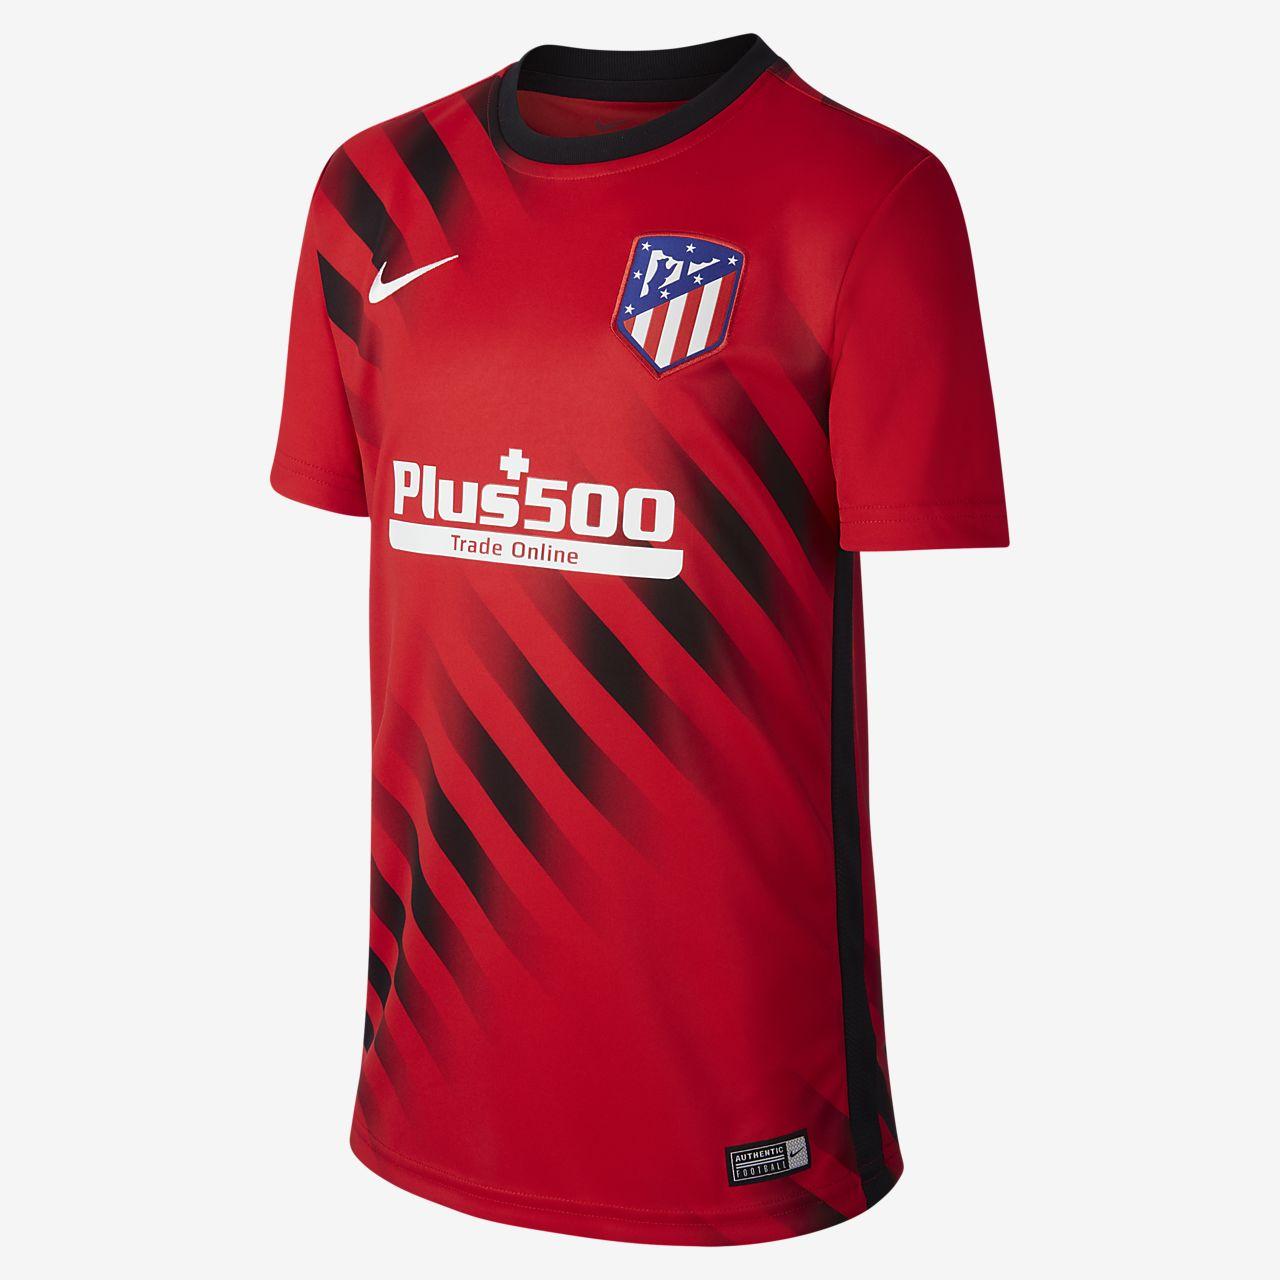 Fotbalové tričko s krátkým rukávem Atlético de Madrid pro větší děti